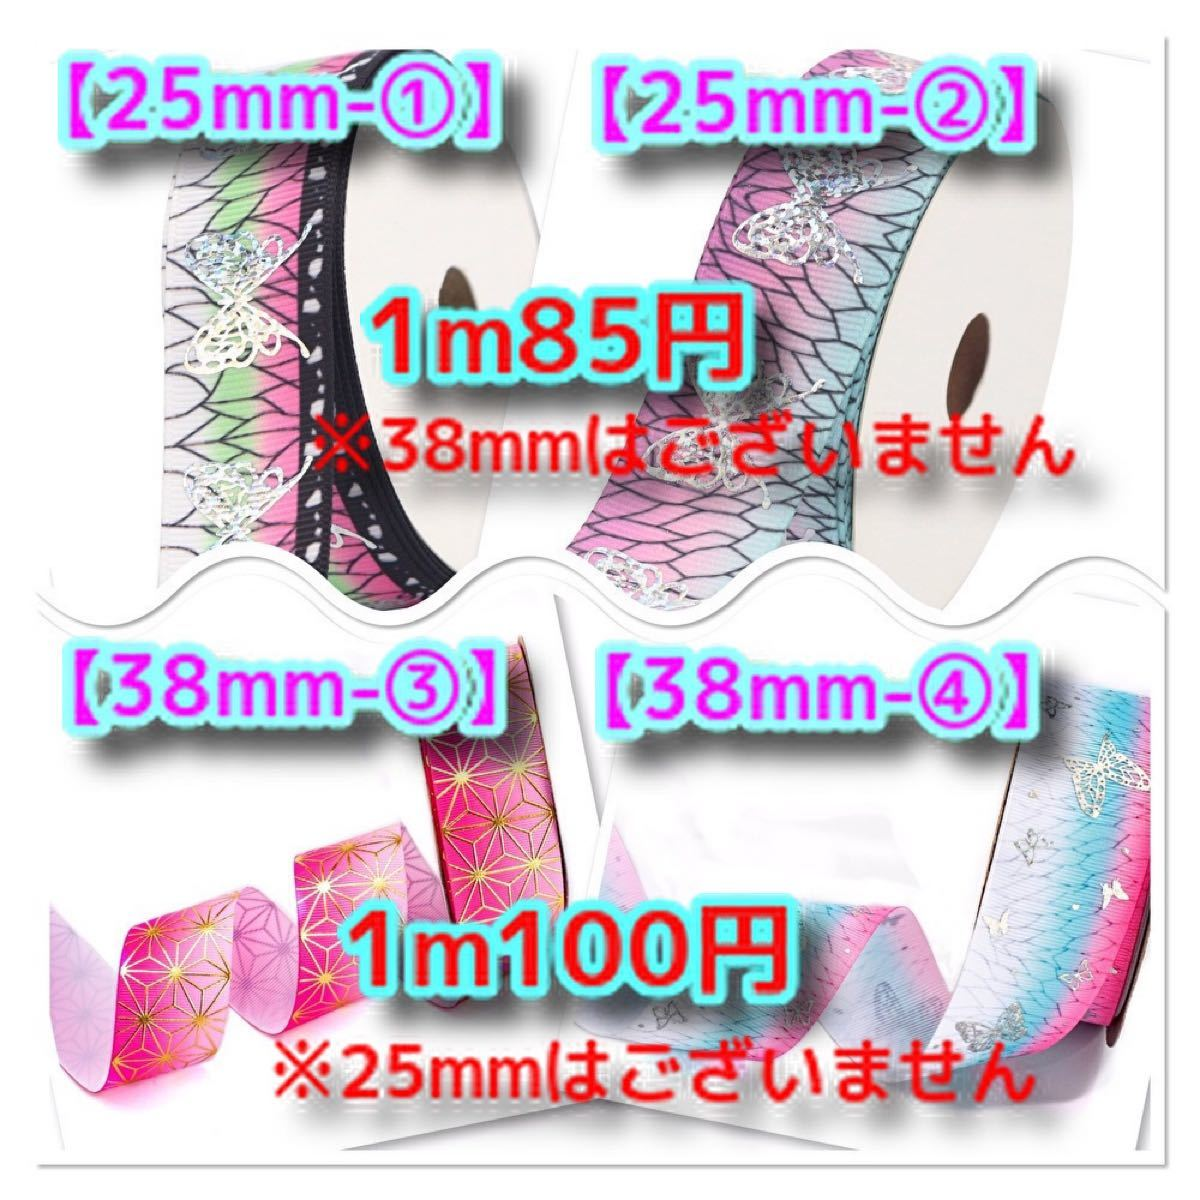 鬼滅の刃リボン 38mm×6mセットD  グログランリボン 鬼滅の刃 ハンドメイド素材 材料